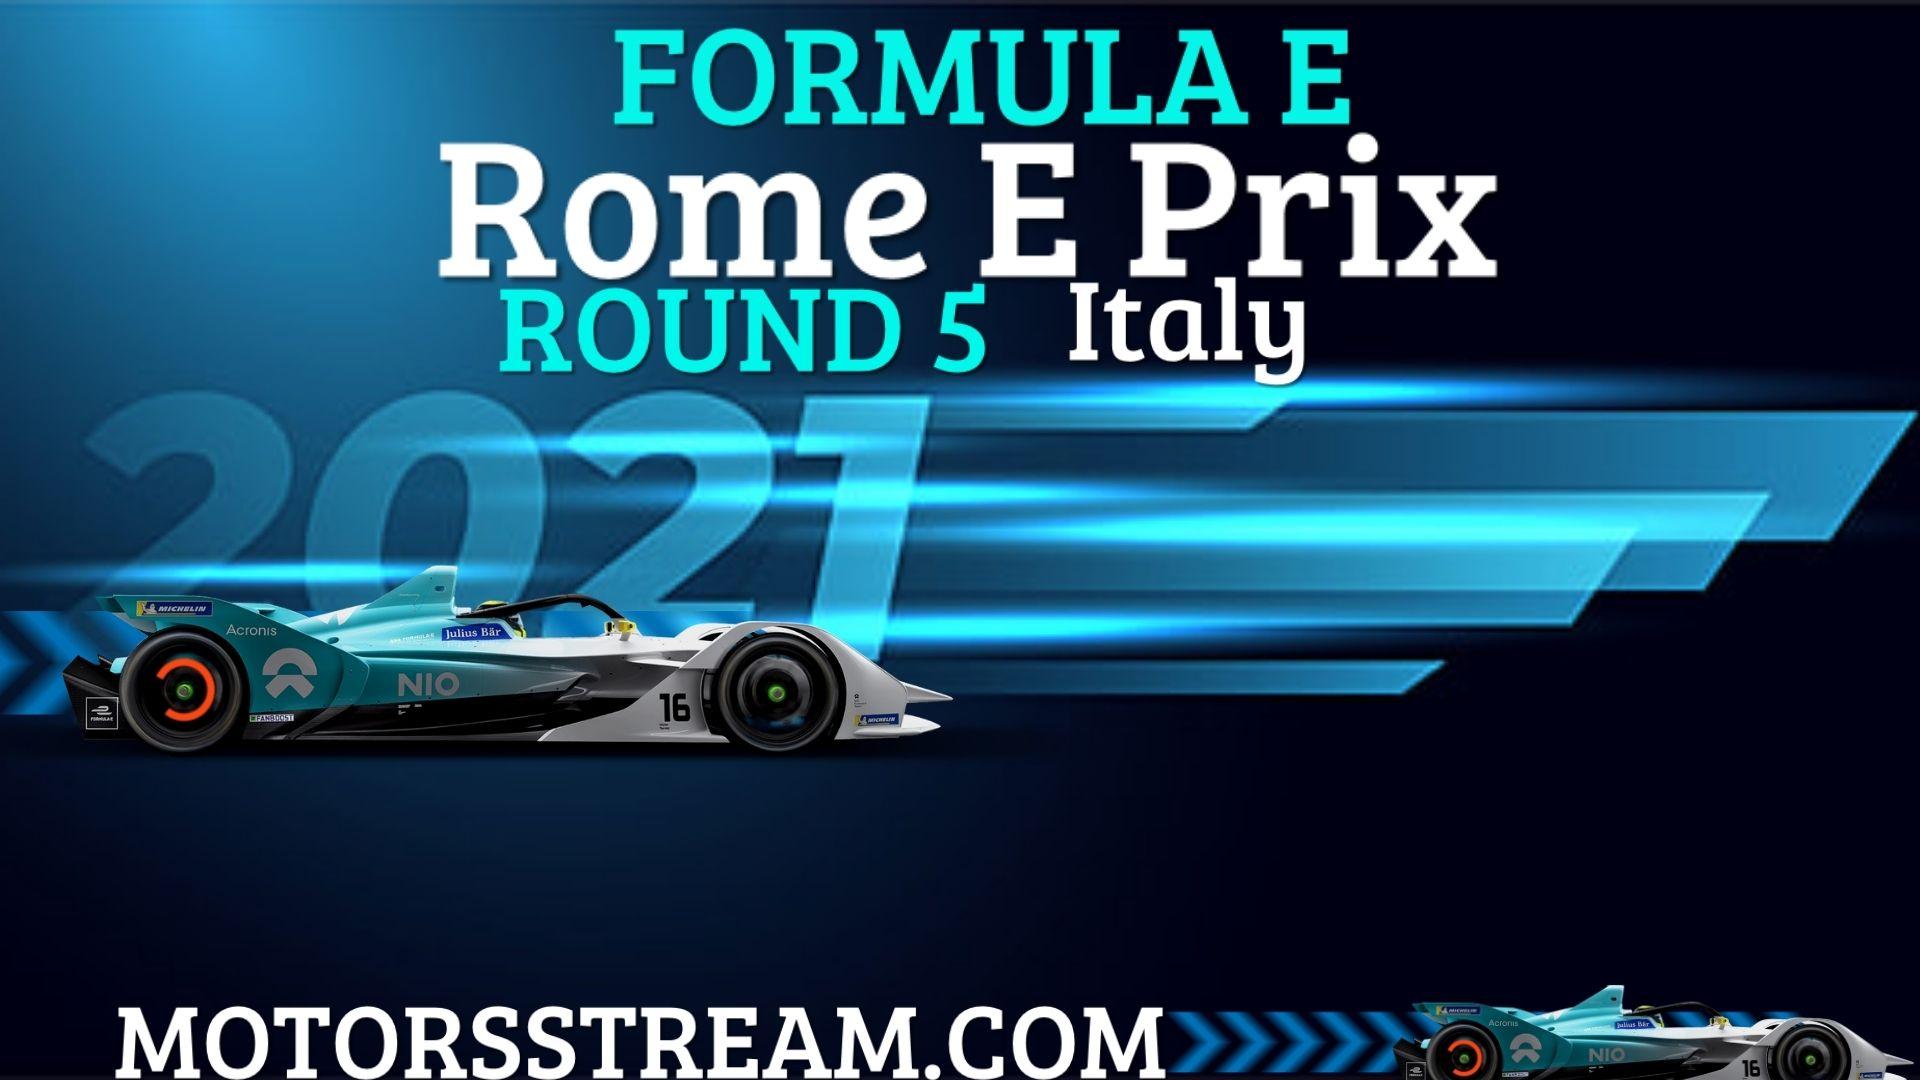 Rome E Prix Round 5 Live Stream 2021 | Formula E